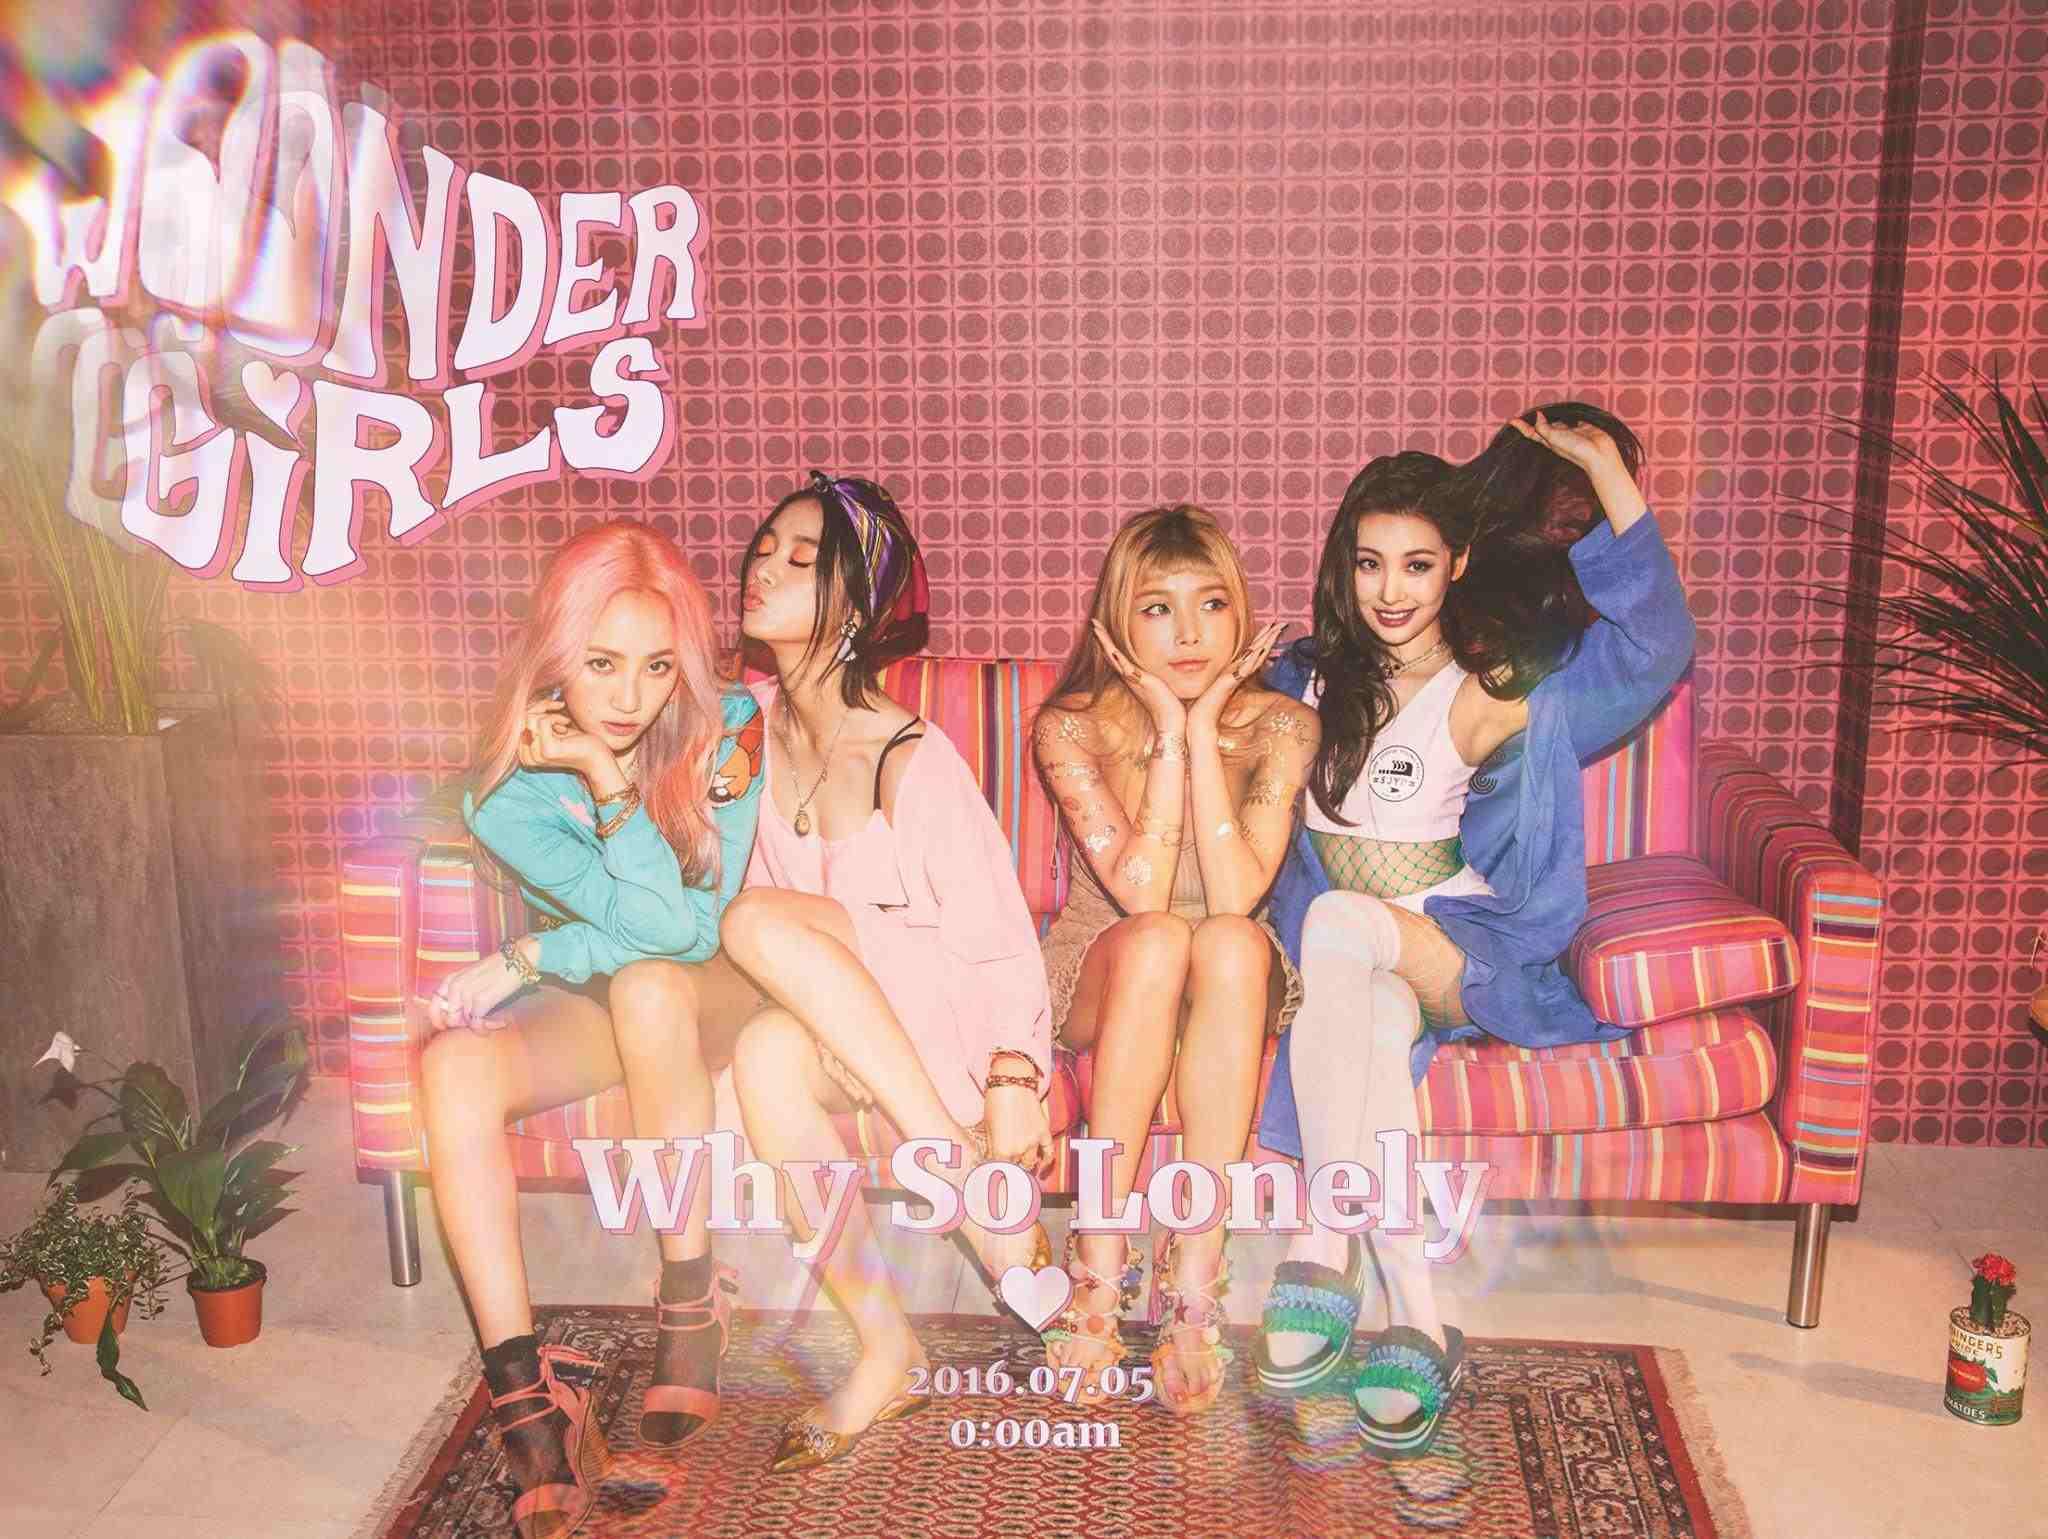 先不說這次出片,連成員都開玩笑被更視《姐姐們的灌籃秀》的JYP給放生,Wonder girls出道至今的過程本身就很心酸~